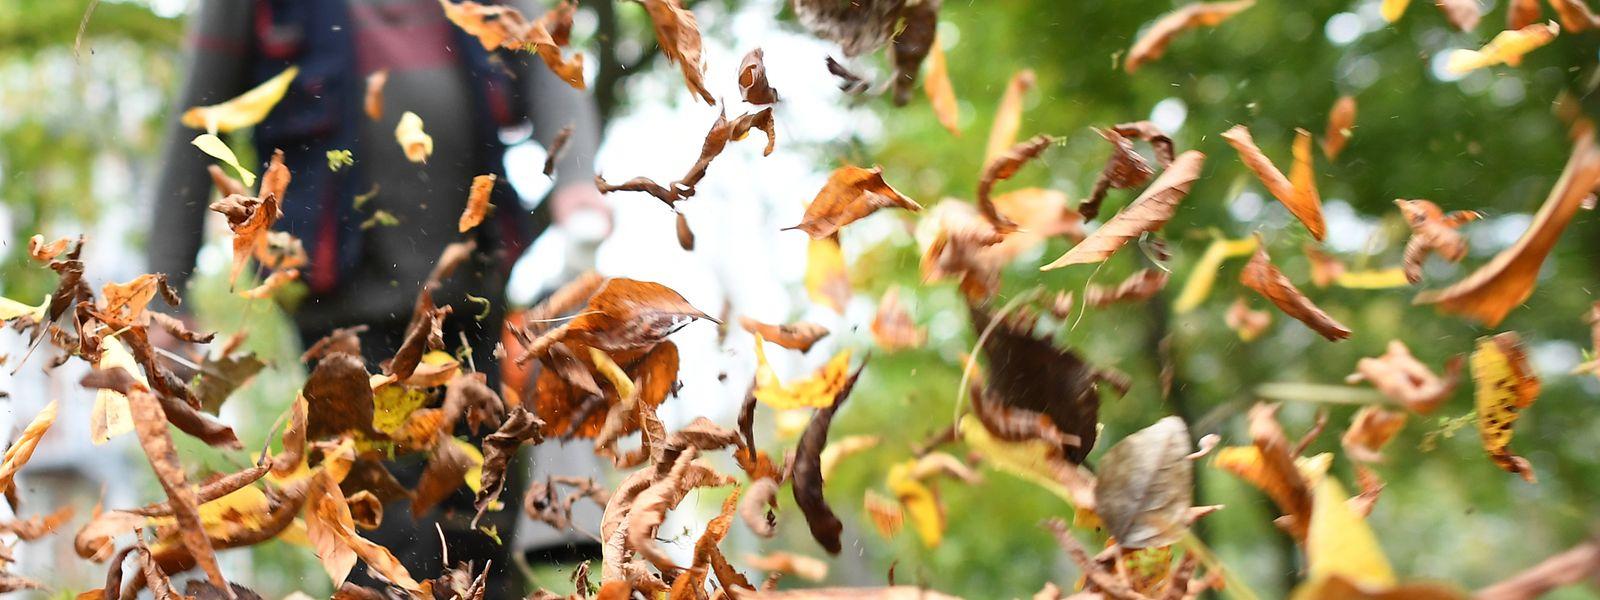 Laubsauger erleichtern zwar die Arbeit von Gartenbesitzern, dafür sind sie aber auch sehr laut und gefährlich für kleine Tiere.